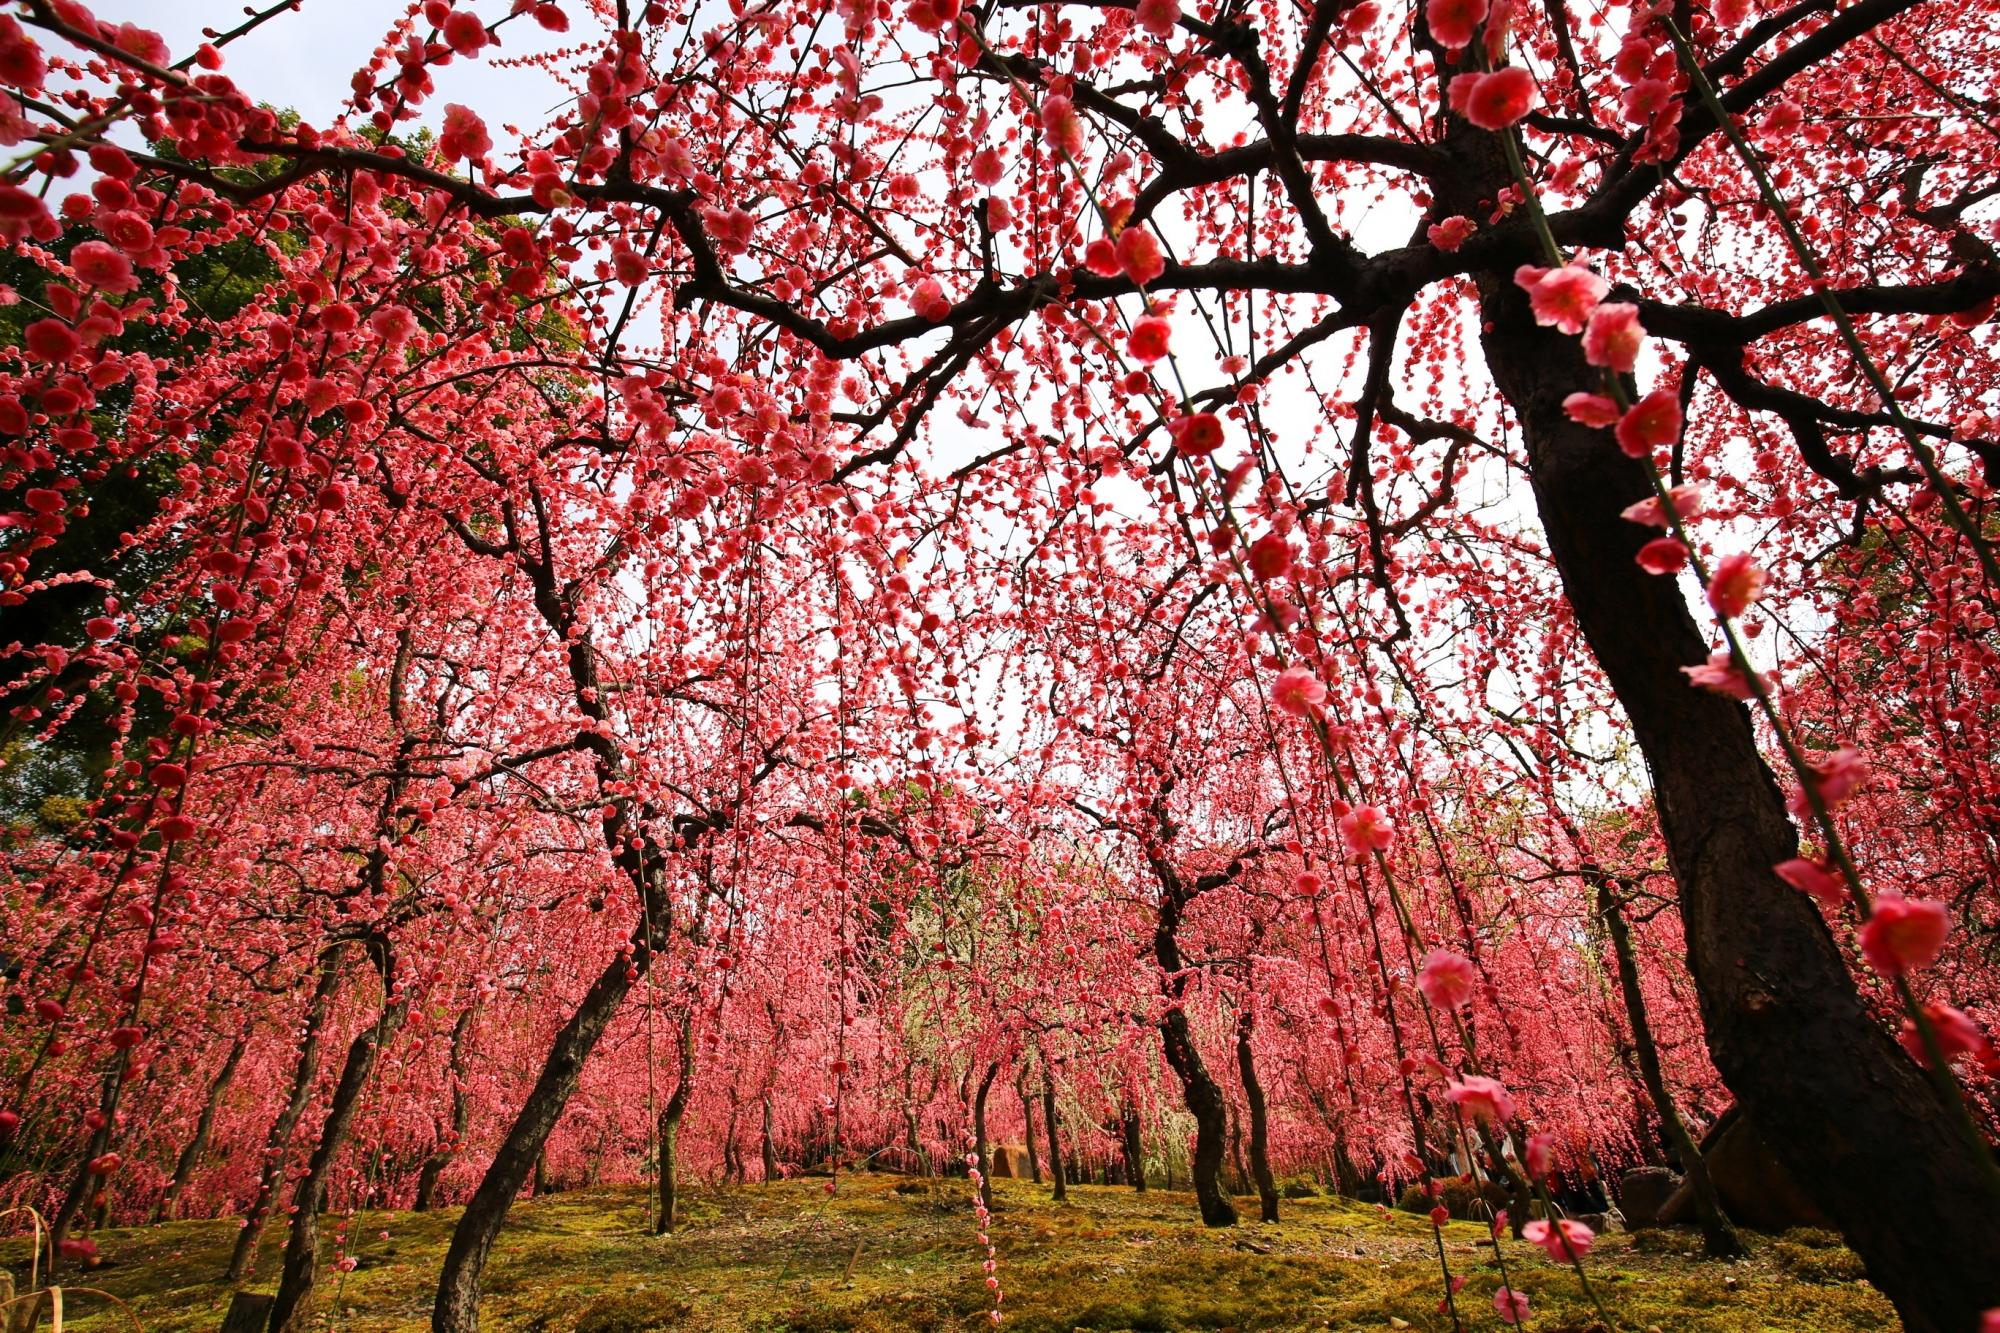 降り注ぐ絶品のピンクのしだれ梅